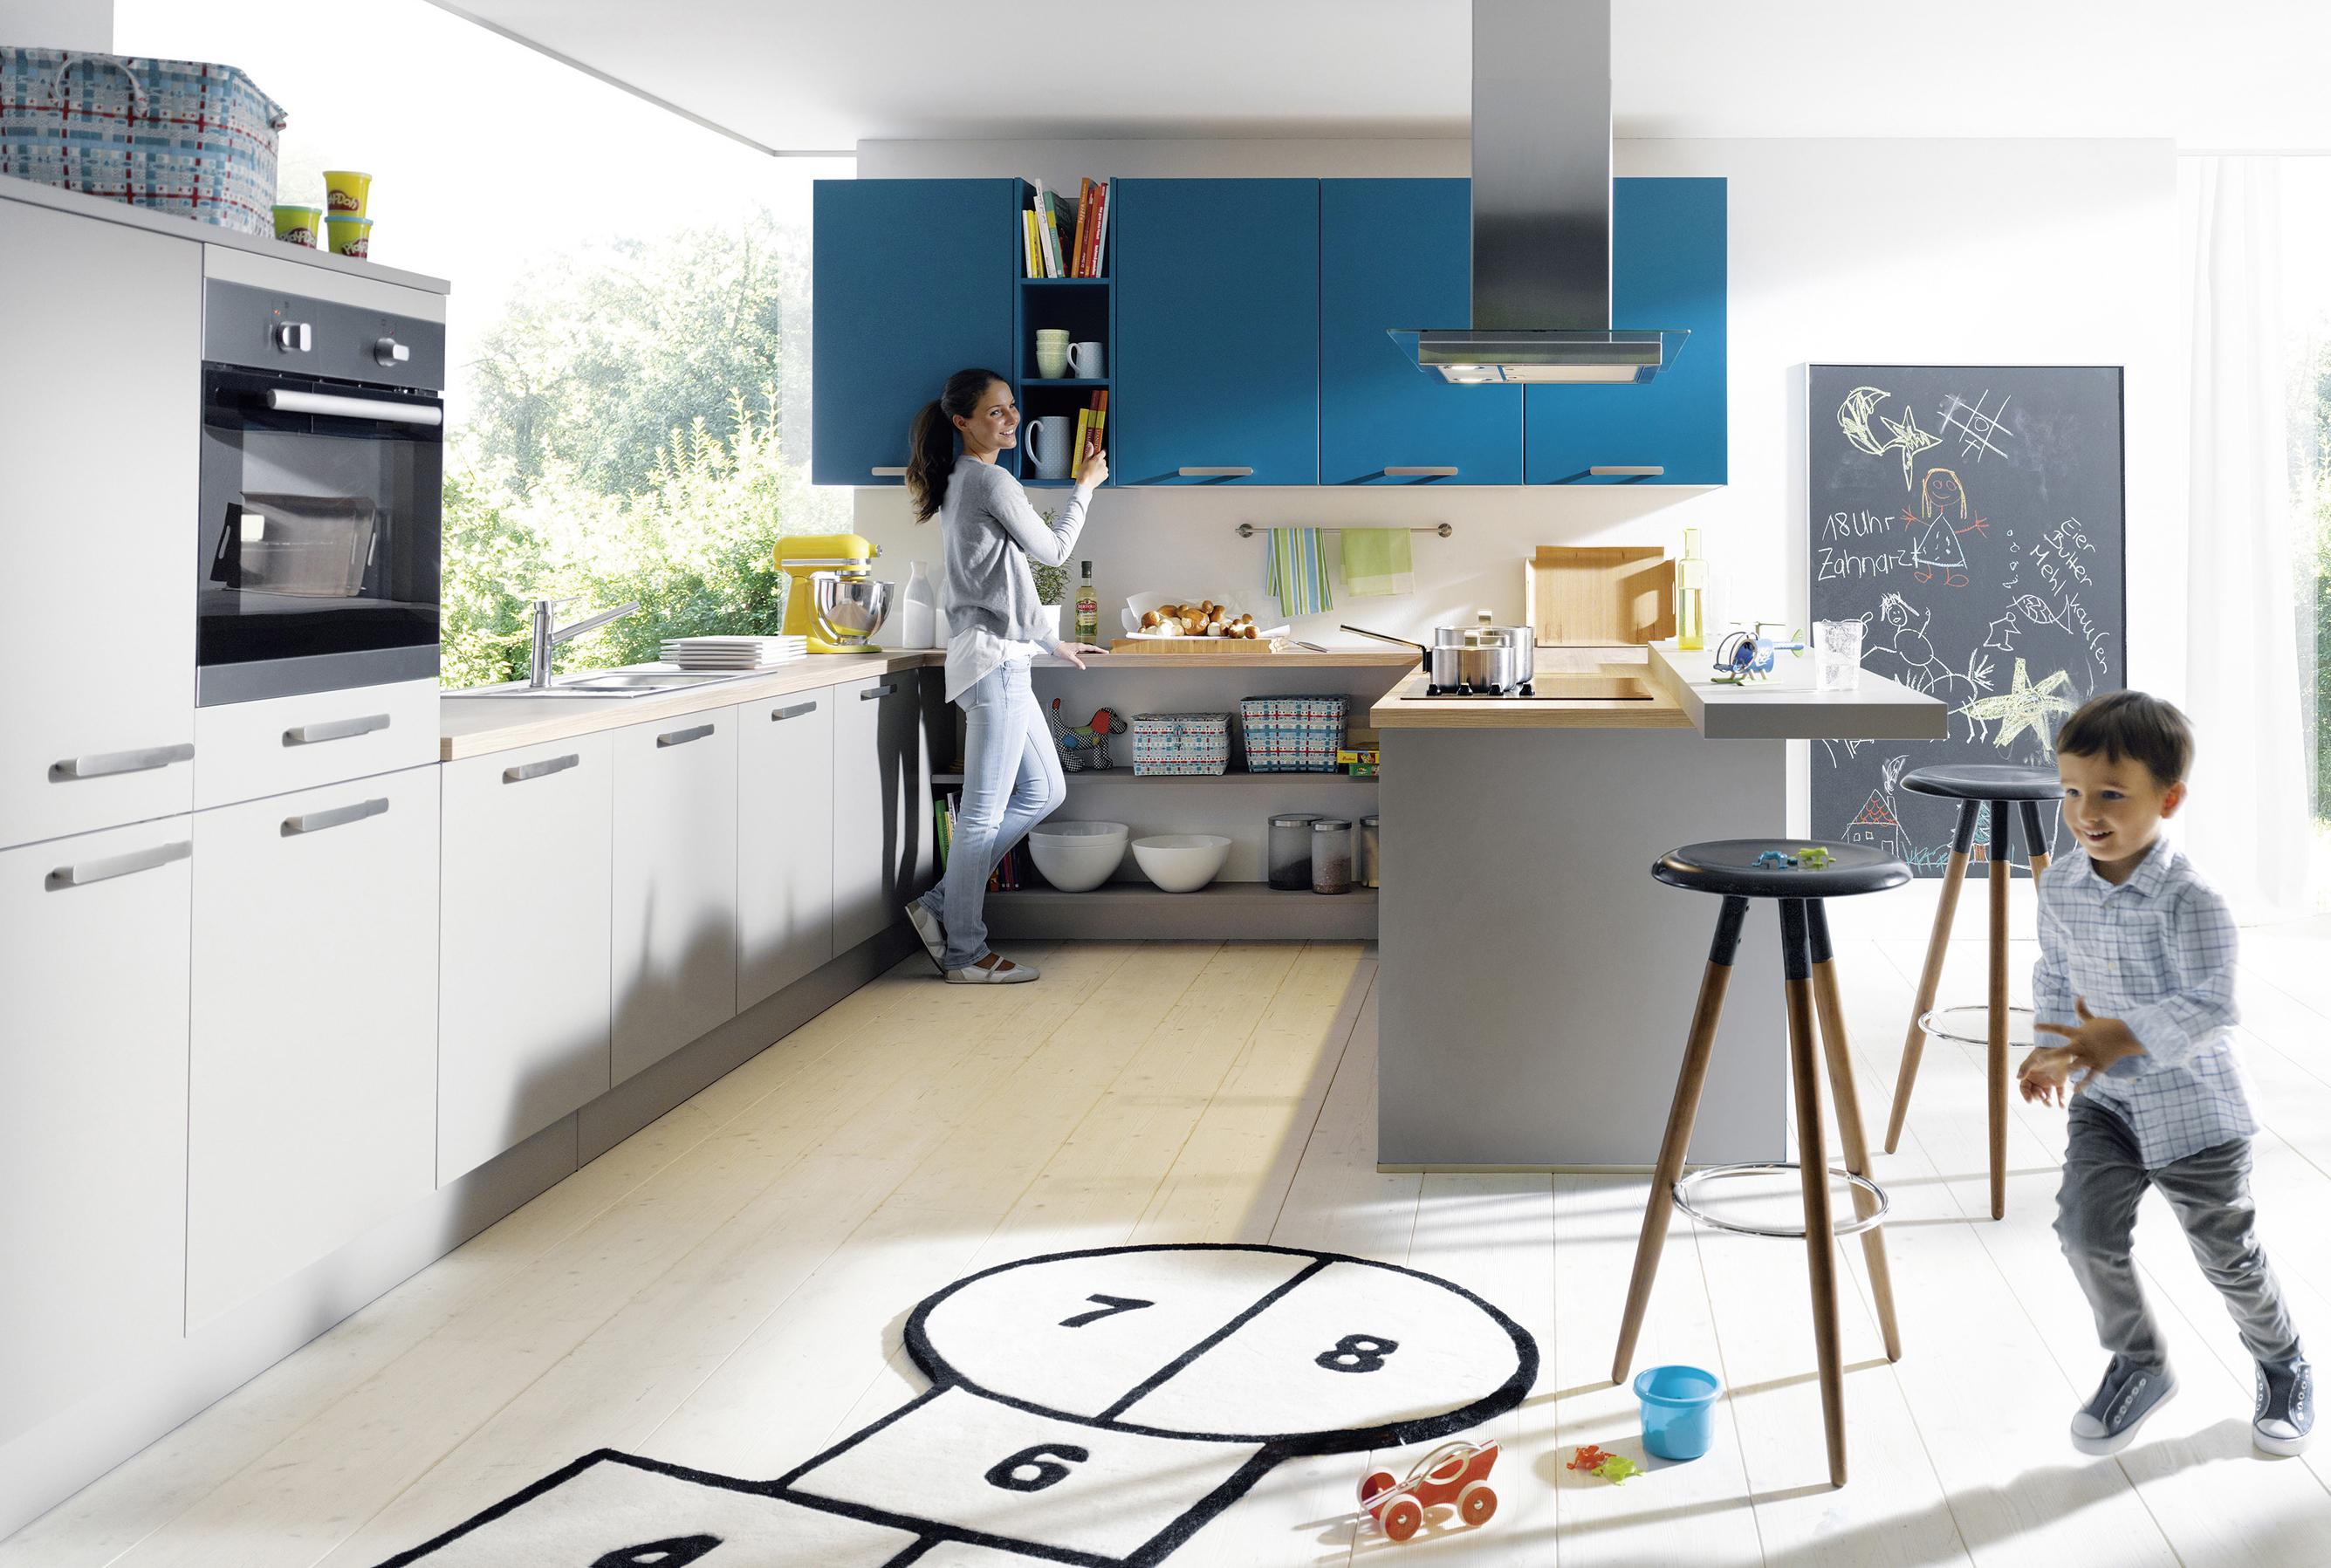 Farbgestaltung In Der Küche: Grautöne In Kombination Mit Einem Weiteren  Farbton Sorgen Für Ein Verspieltes